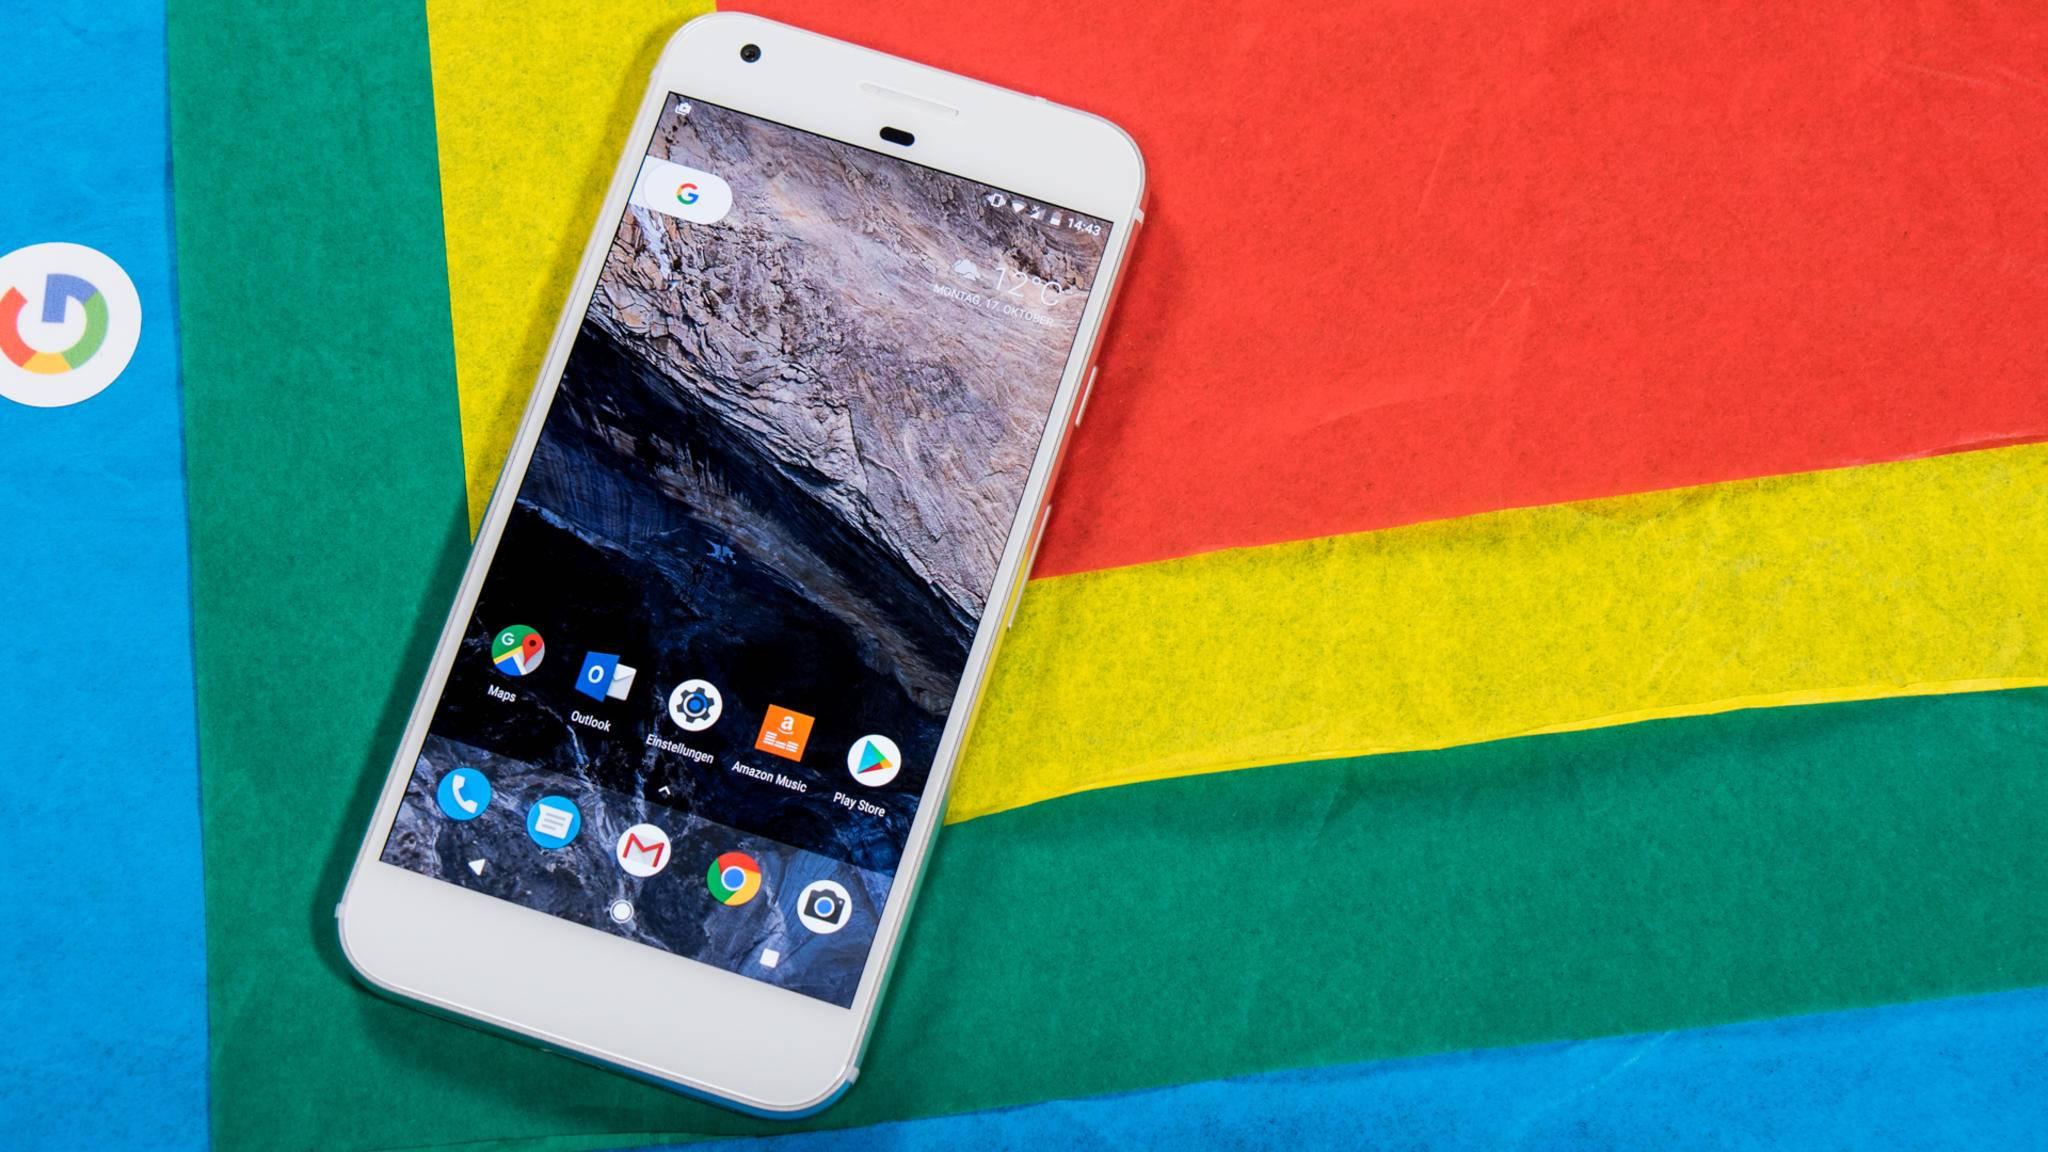 Das Google Pixel: Ein gutes Smartphone, doch der Nachfolger kann noch einiges besser machen.